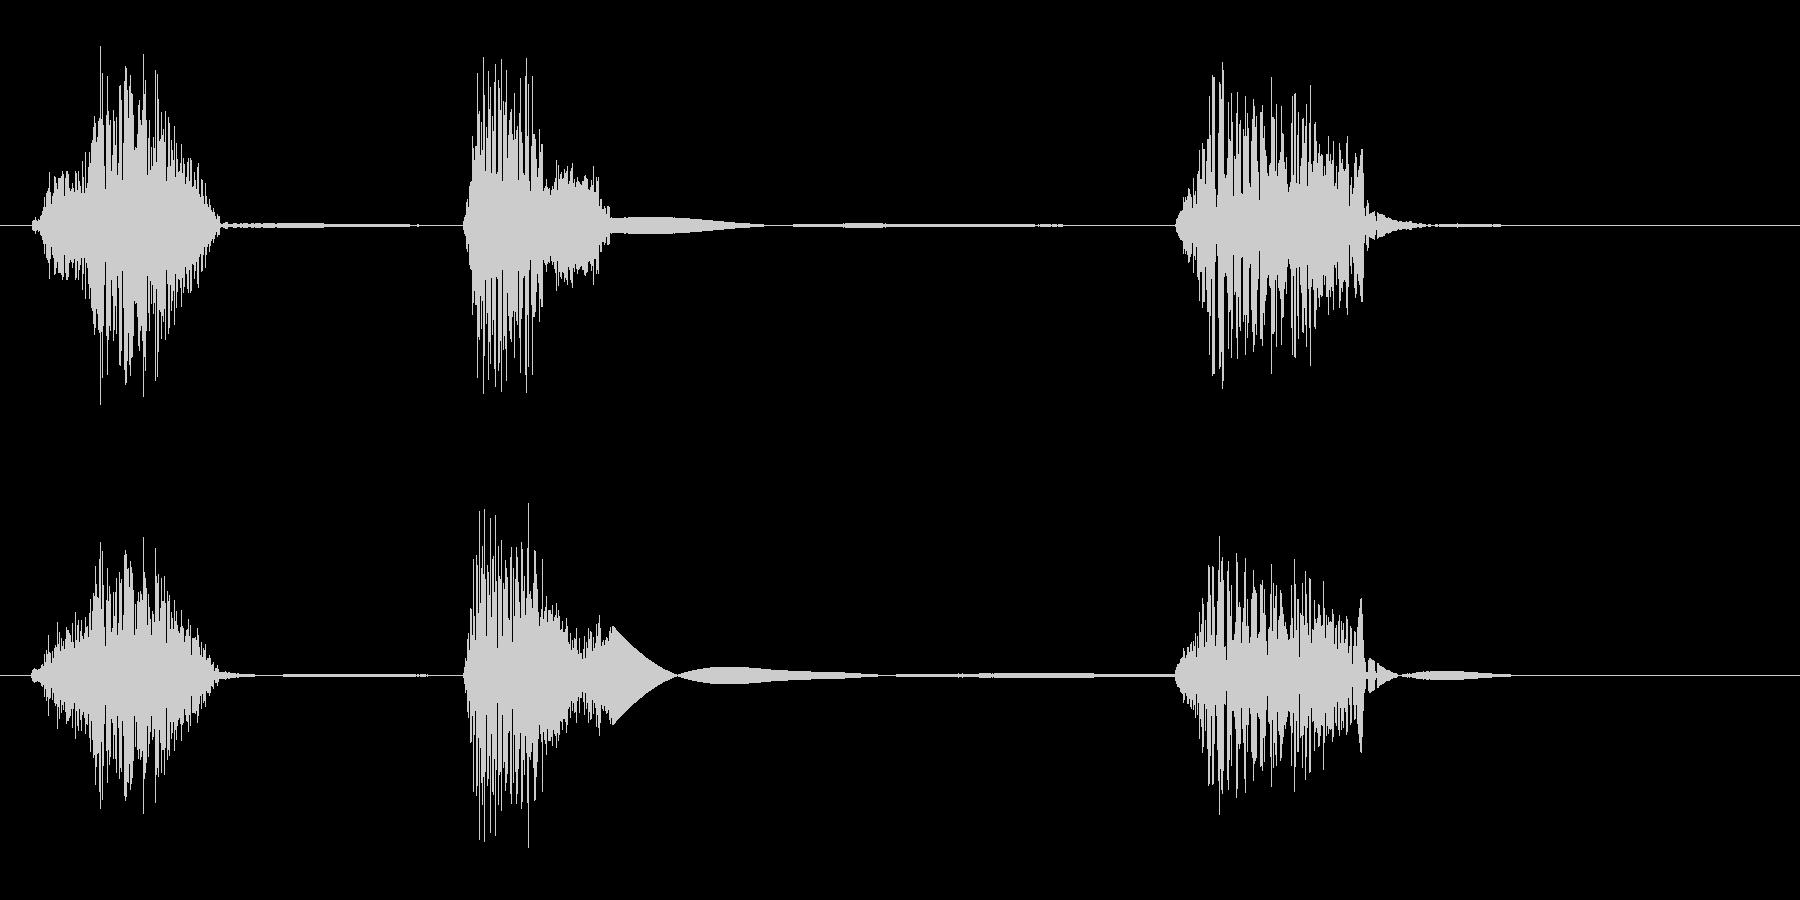 ちょびっと(ロボットや機械の発音)の未再生の波形